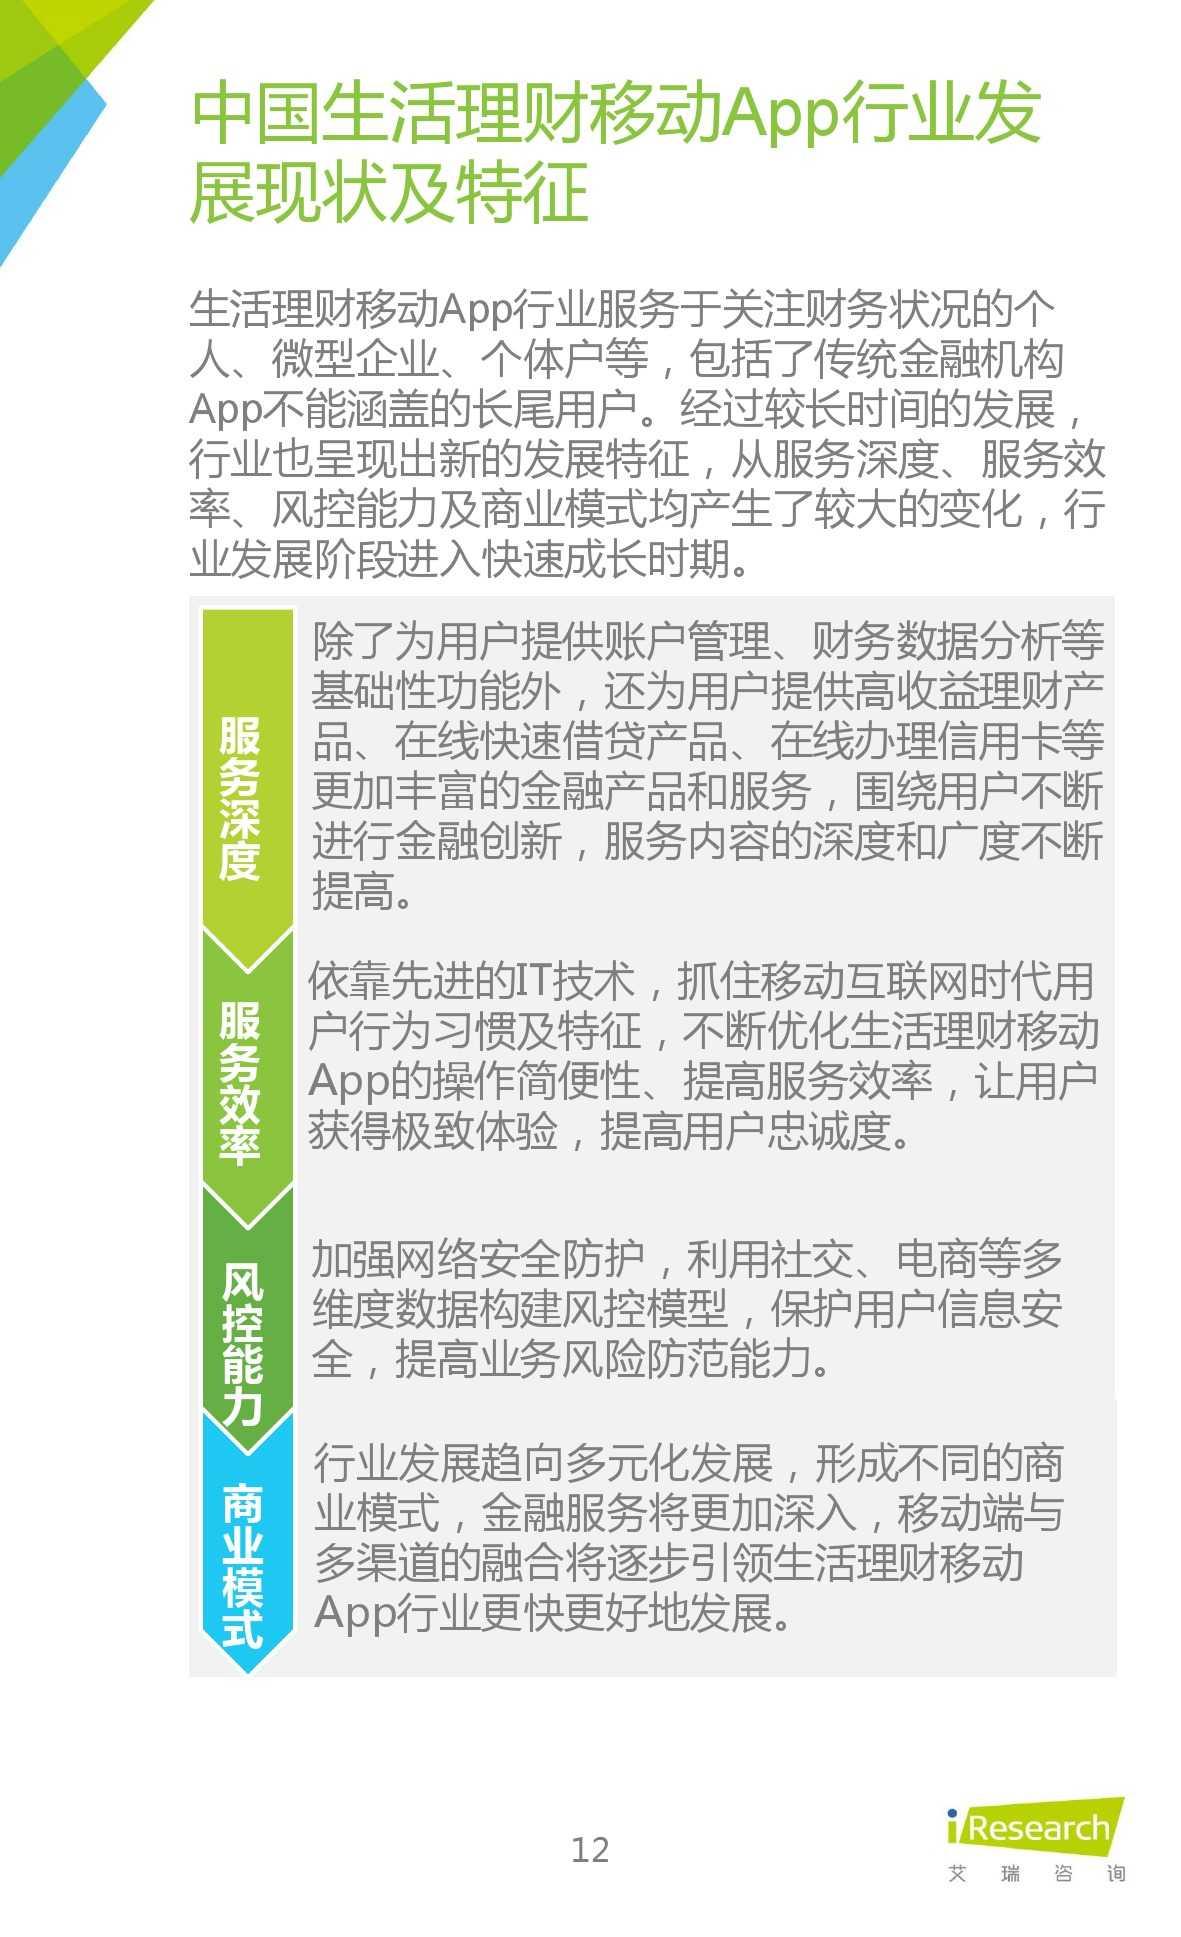 2015年中国生活理财移动App行业研究报告_000012